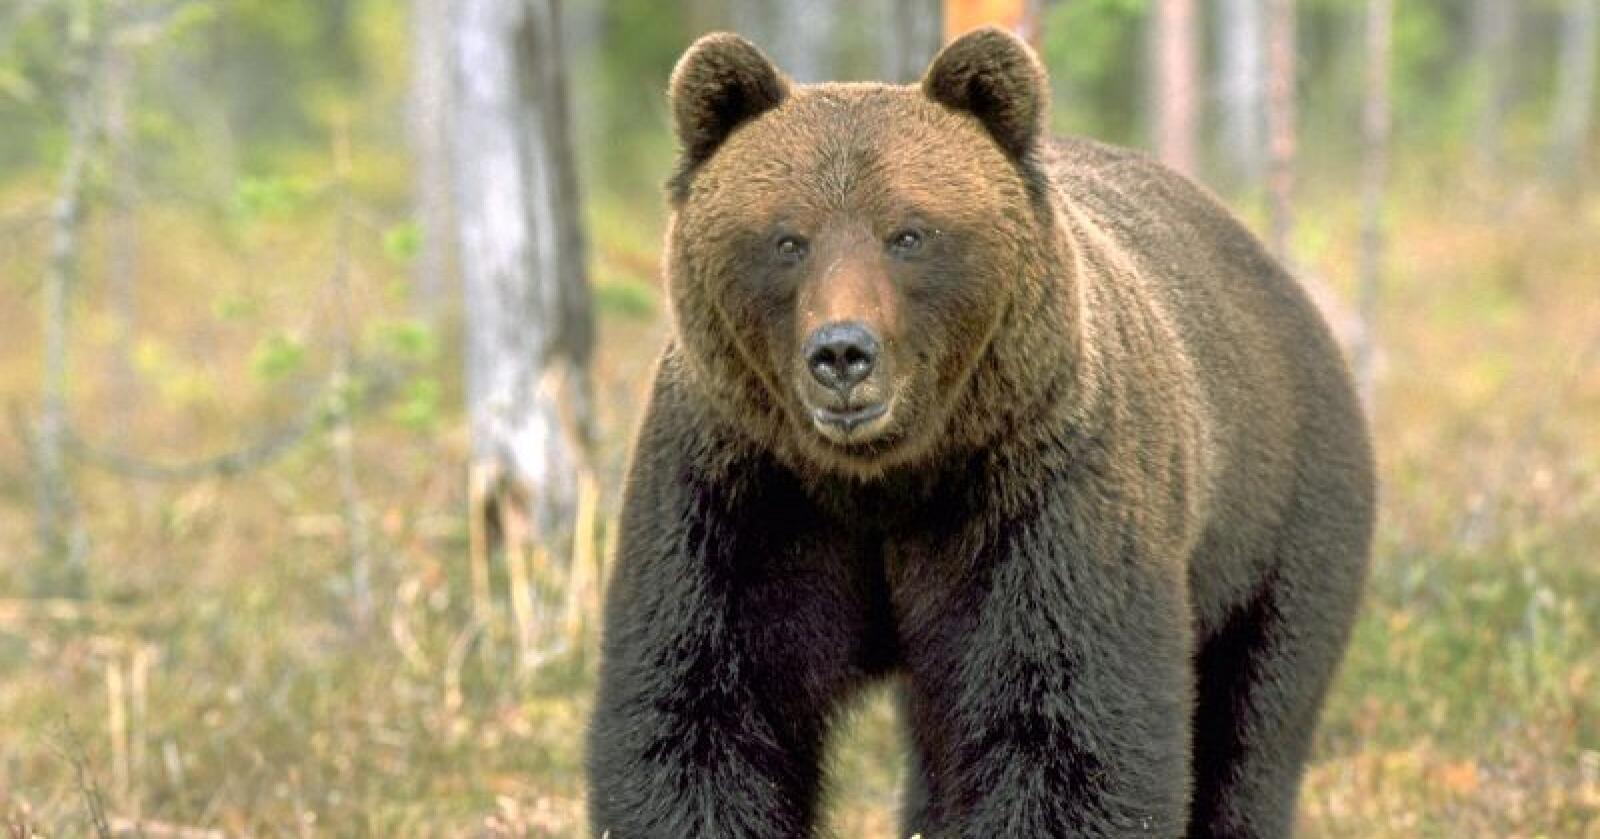 En bjørn angrep en mann i 50-årene. Arkivfoto: Mariann Tvete